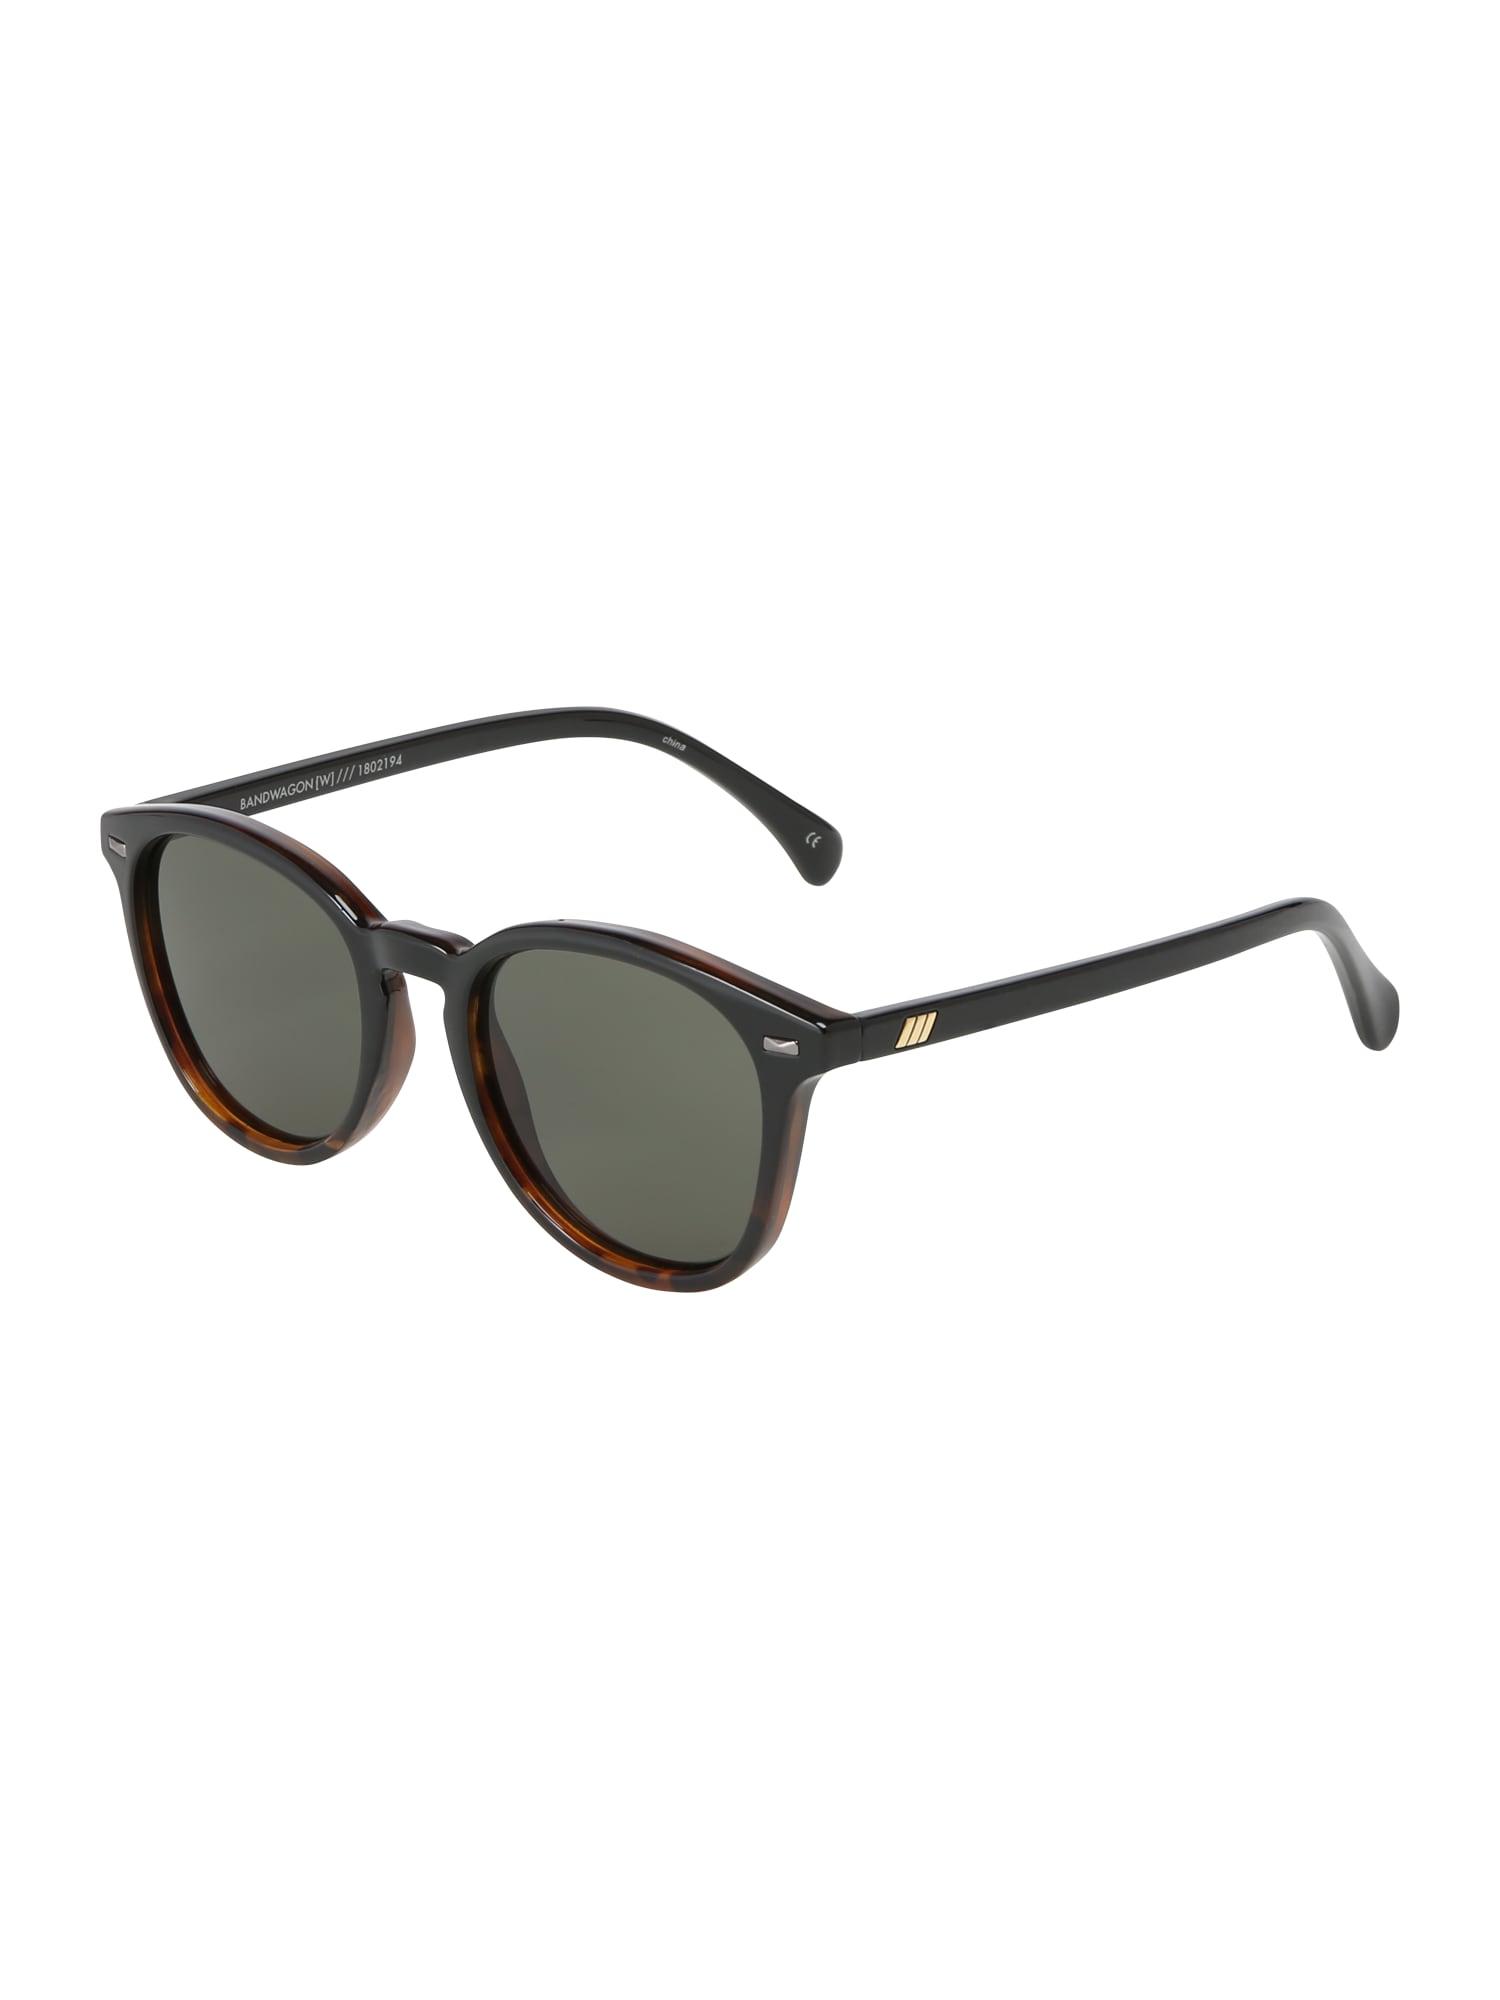 Sluneční brýle Bandwagon hnědá černá LE SPECS